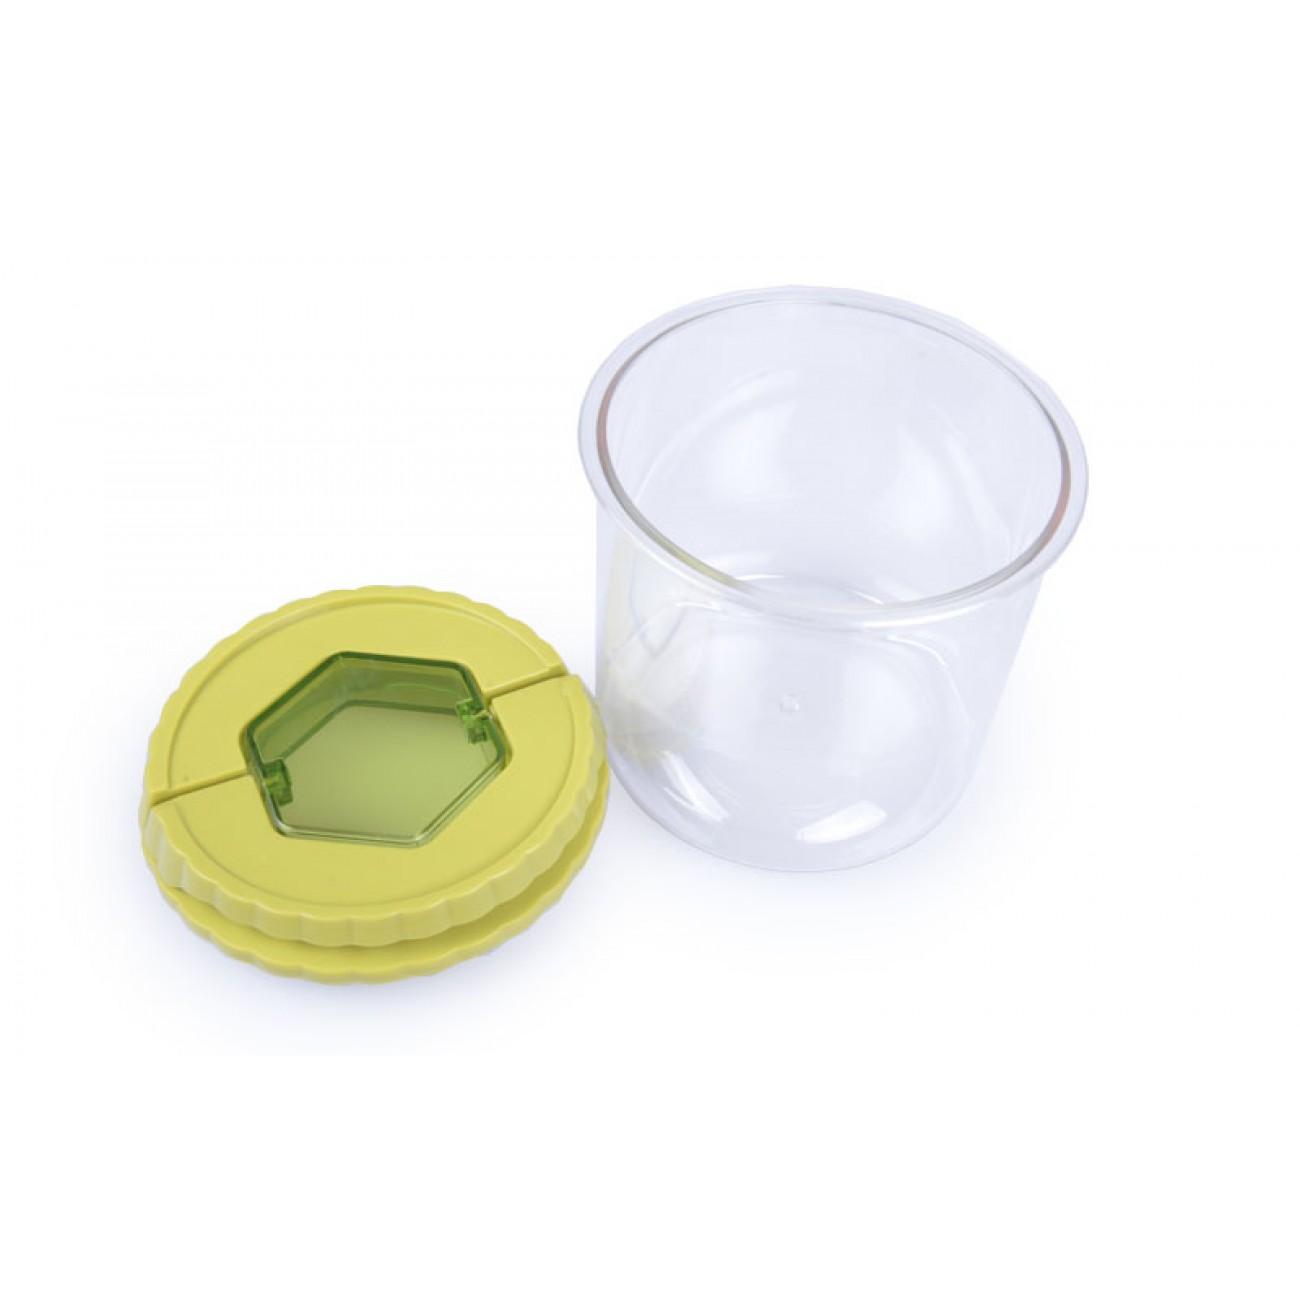 Δοχείο φύλαξης τροφίμων 800ml με καπάκι - Πράσινο - ΟΕΜ 34297